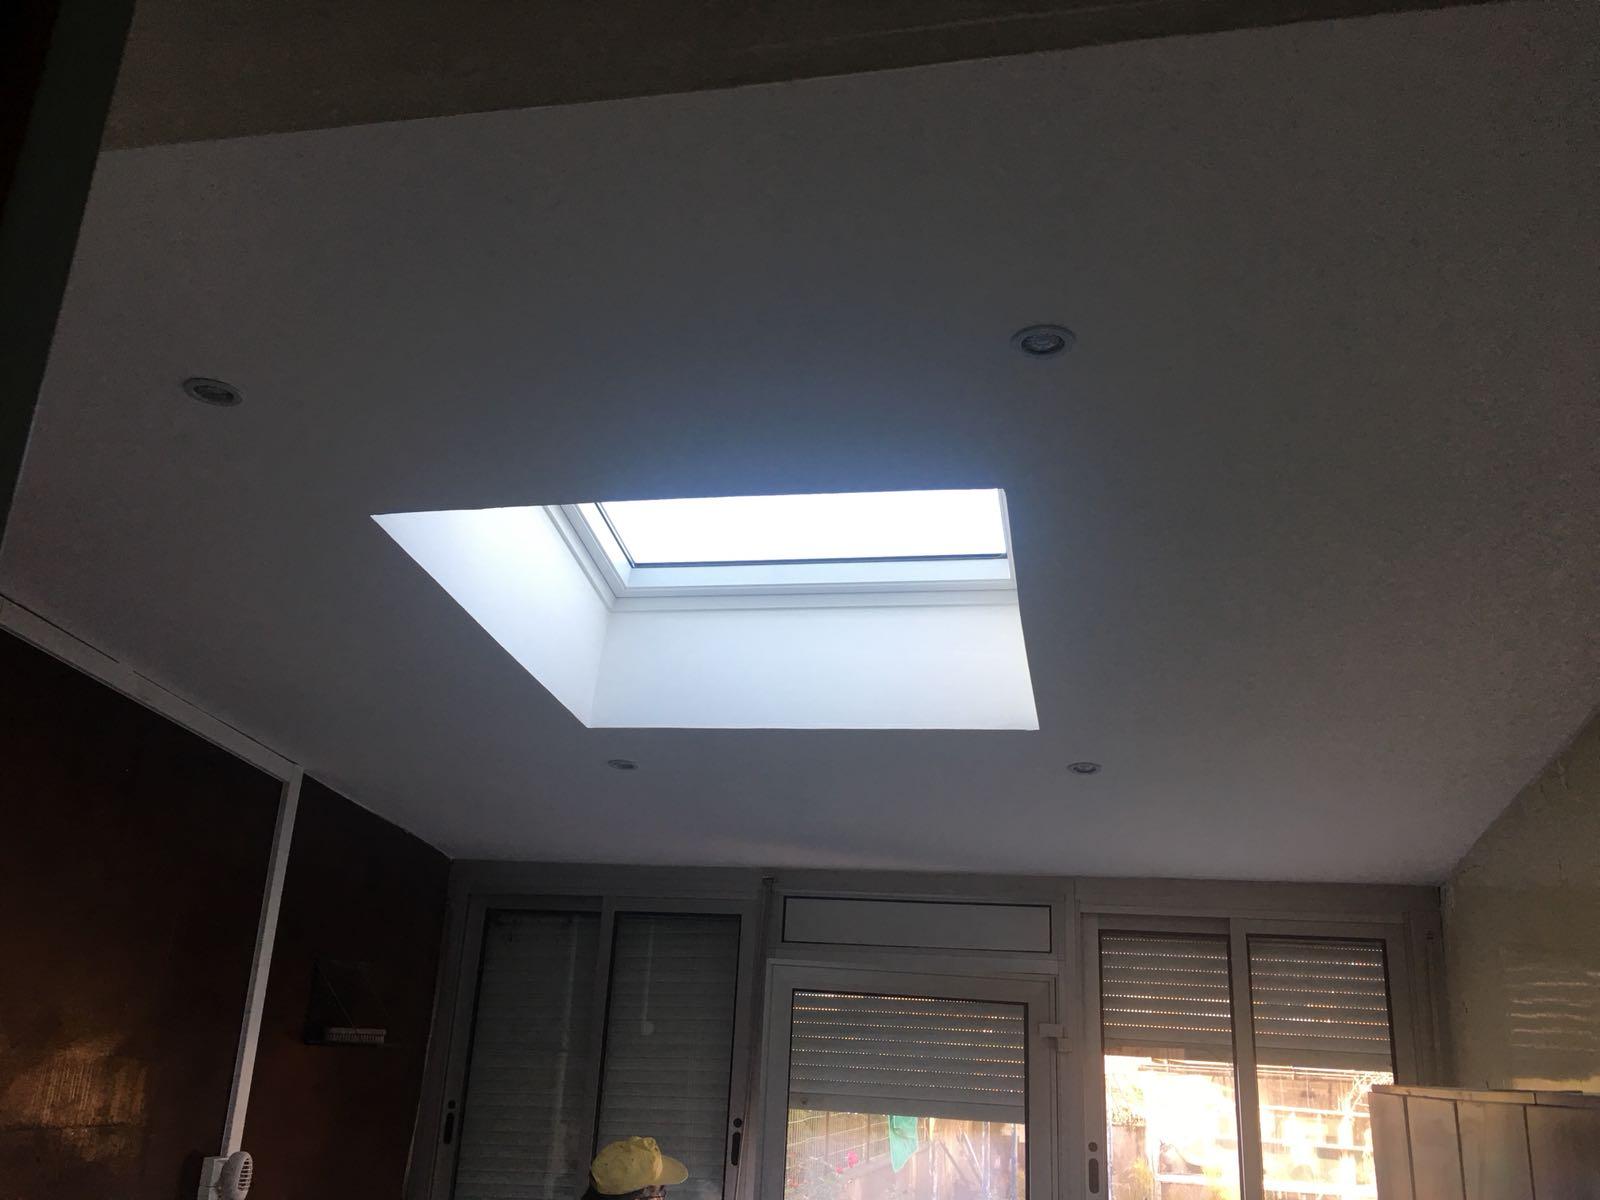 Interieur Plafond Avec Sans Lumineux (3)